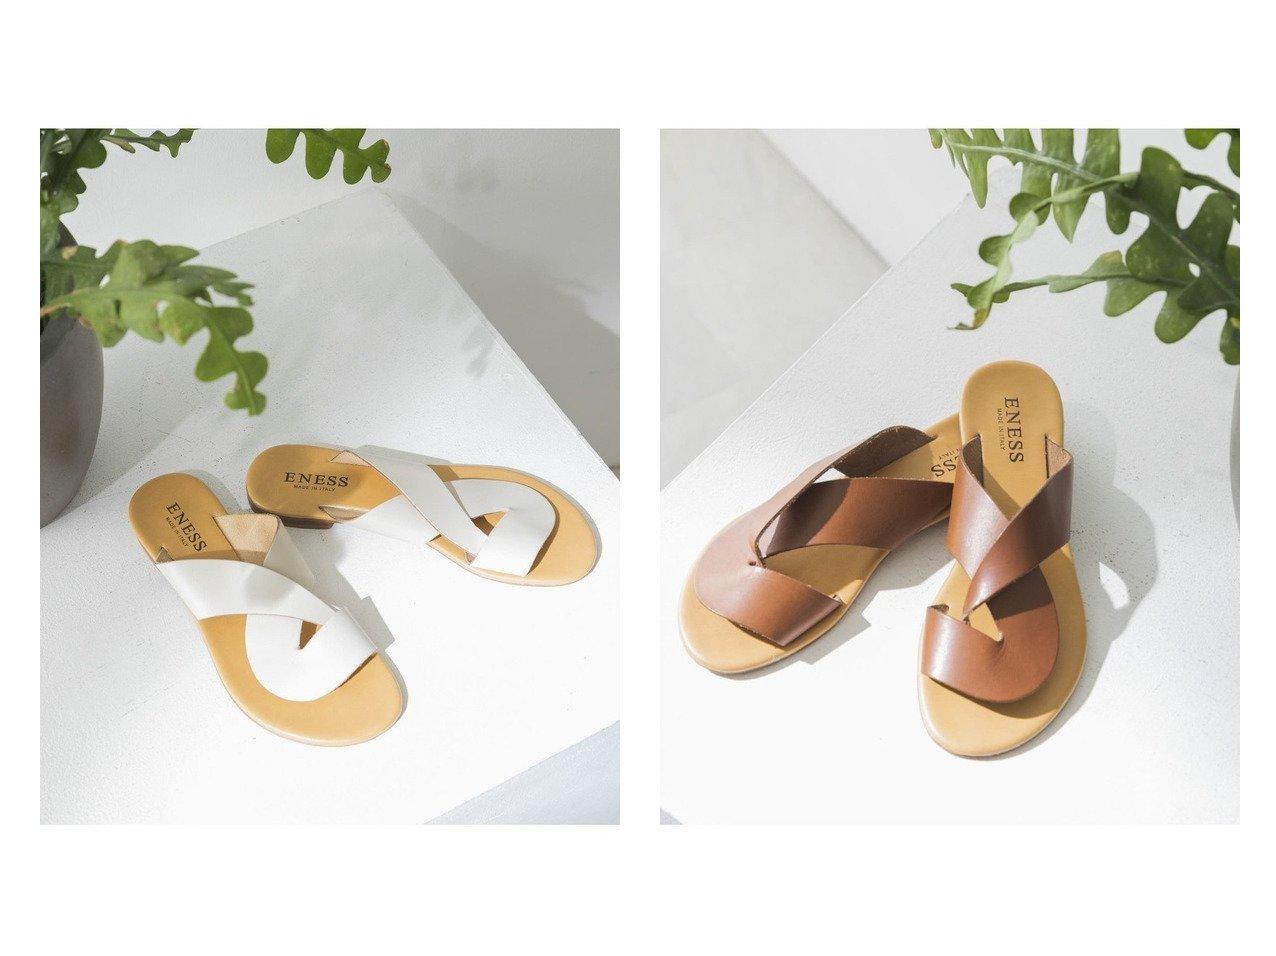 【URBAN RESEARCH/アーバンリサーチ】のENESS フラットクロスサンダル 【シューズ・靴】おすすめ!人気、トレンド・レディースファッションの通販 おすすめで人気の流行・トレンド、ファッションの通販商品 インテリア・家具・メンズファッション・キッズファッション・レディースファッション・服の通販 founy(ファニー) https://founy.com/ ファッション Fashion レディースファッション WOMEN イタリア エレガント サンダル シューズ トレンド ハンド フラット ミュール ラップ |ID:crp329100000047556